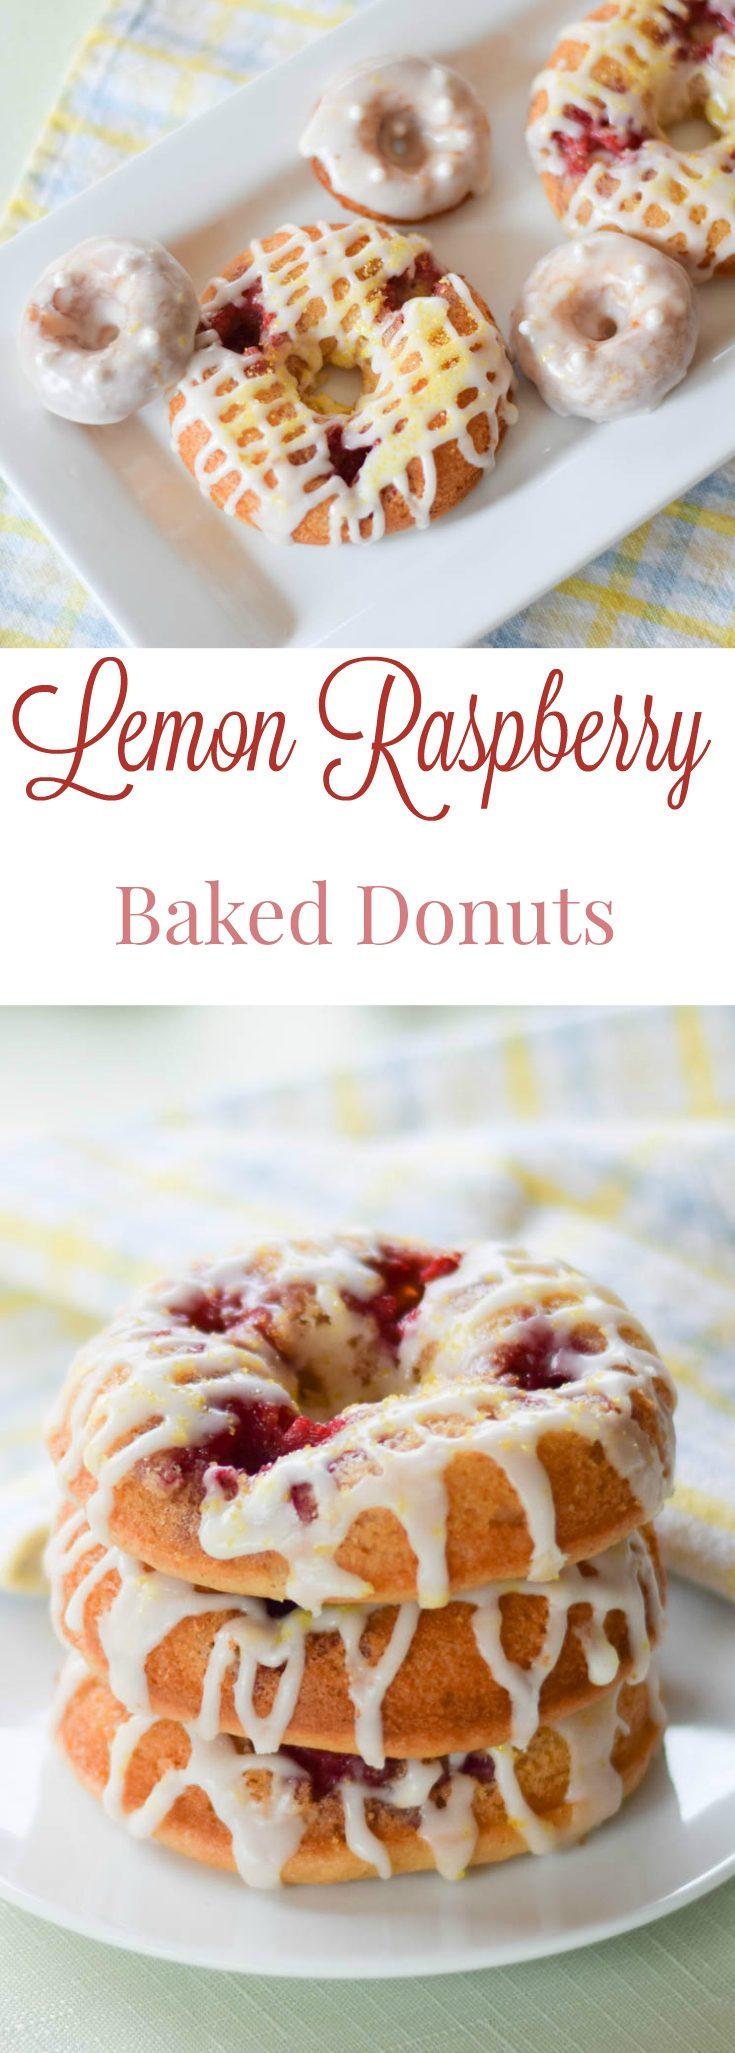 Raspberry LemonBaked Donuts #baking #doughnuts #donuts #lemon